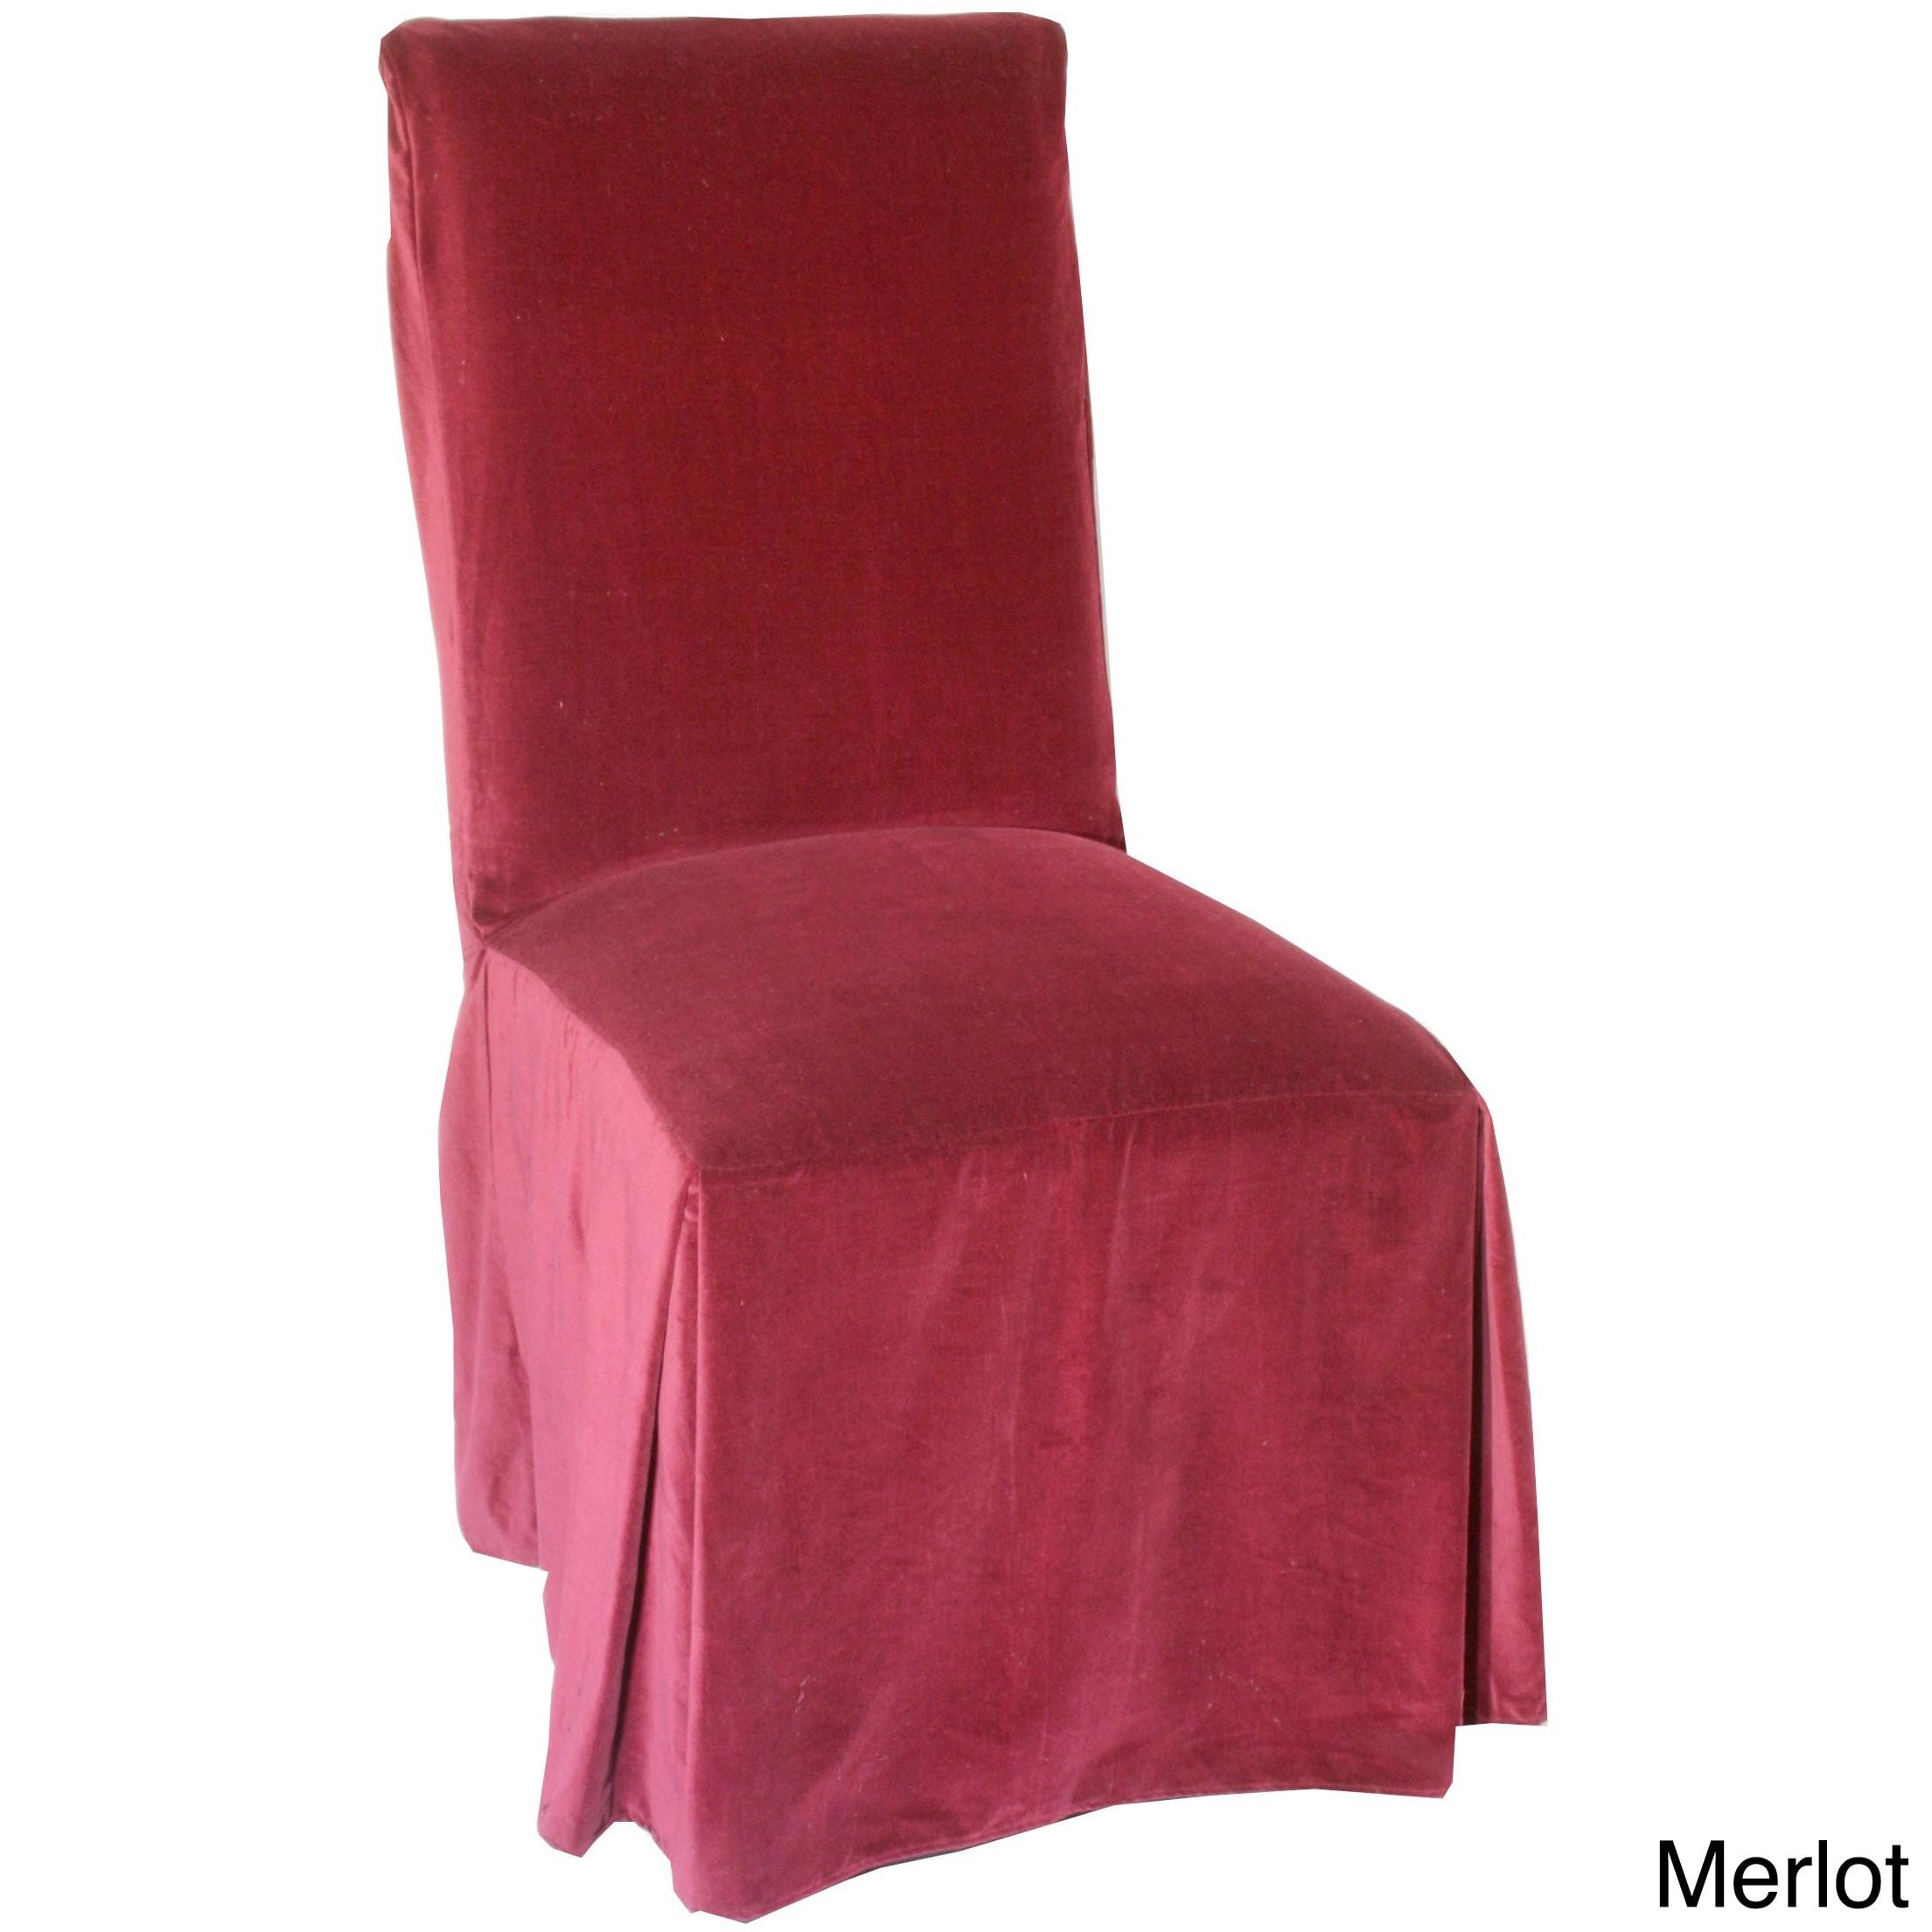 Clic Slipcovers Velvet Dining Chair Slipcover Set Of 2 Free Shipping On Orders Over 45 8060249